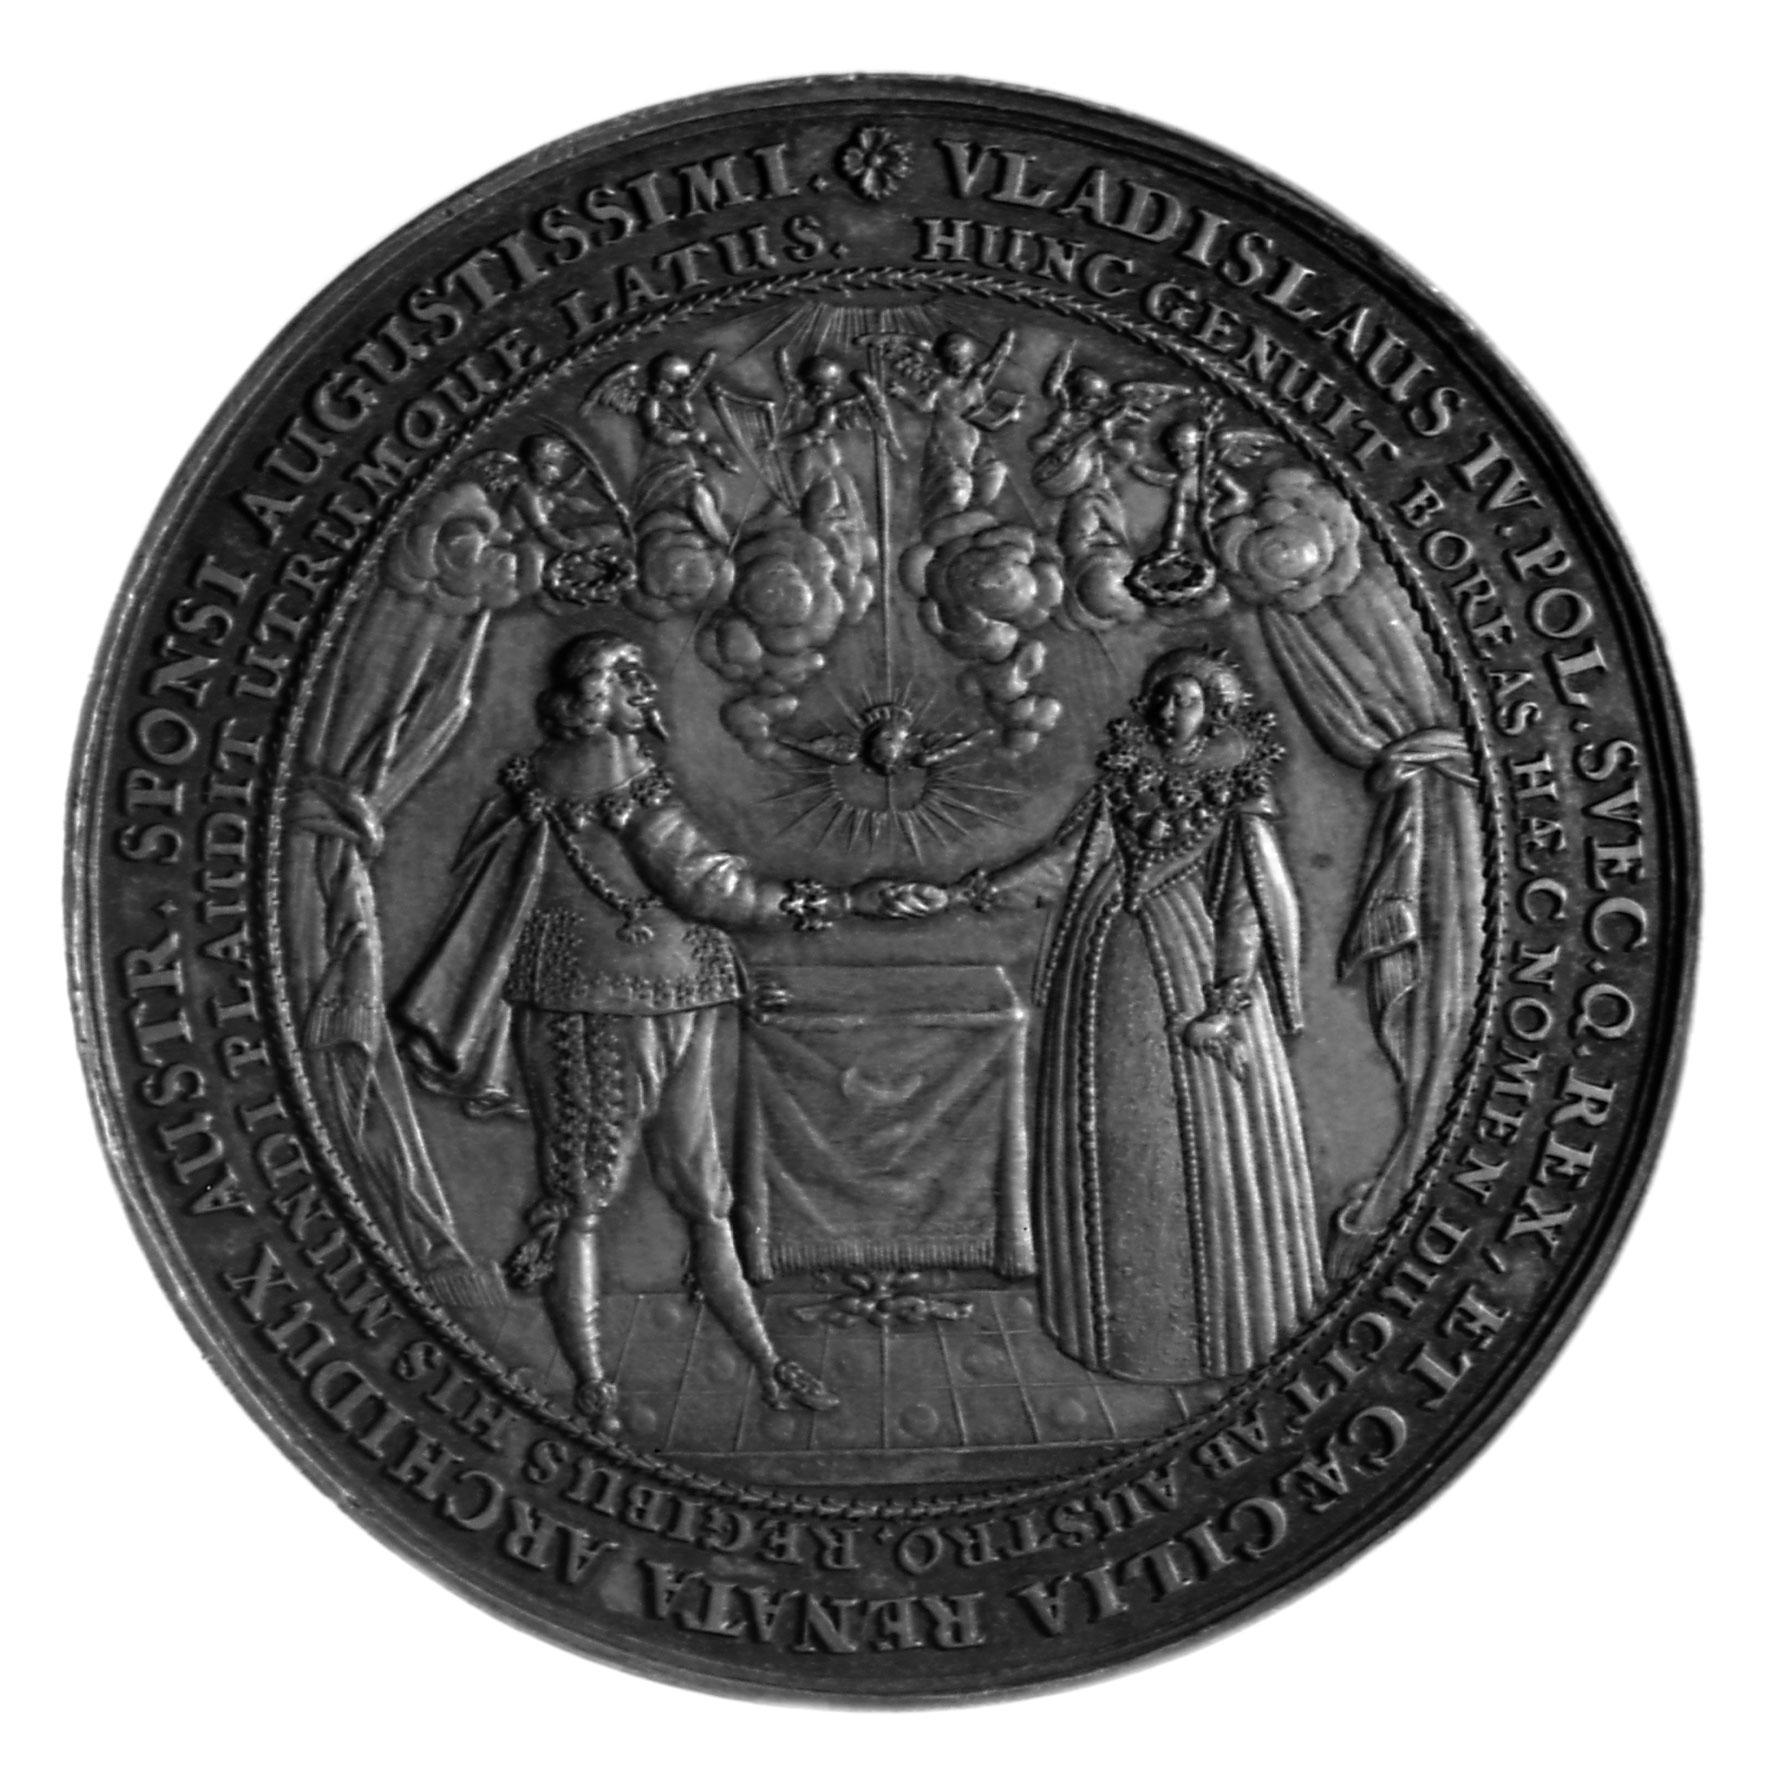 Medal ślubny Władysława IV i Cecylii Renaty_Sebastian Dadler.jpg